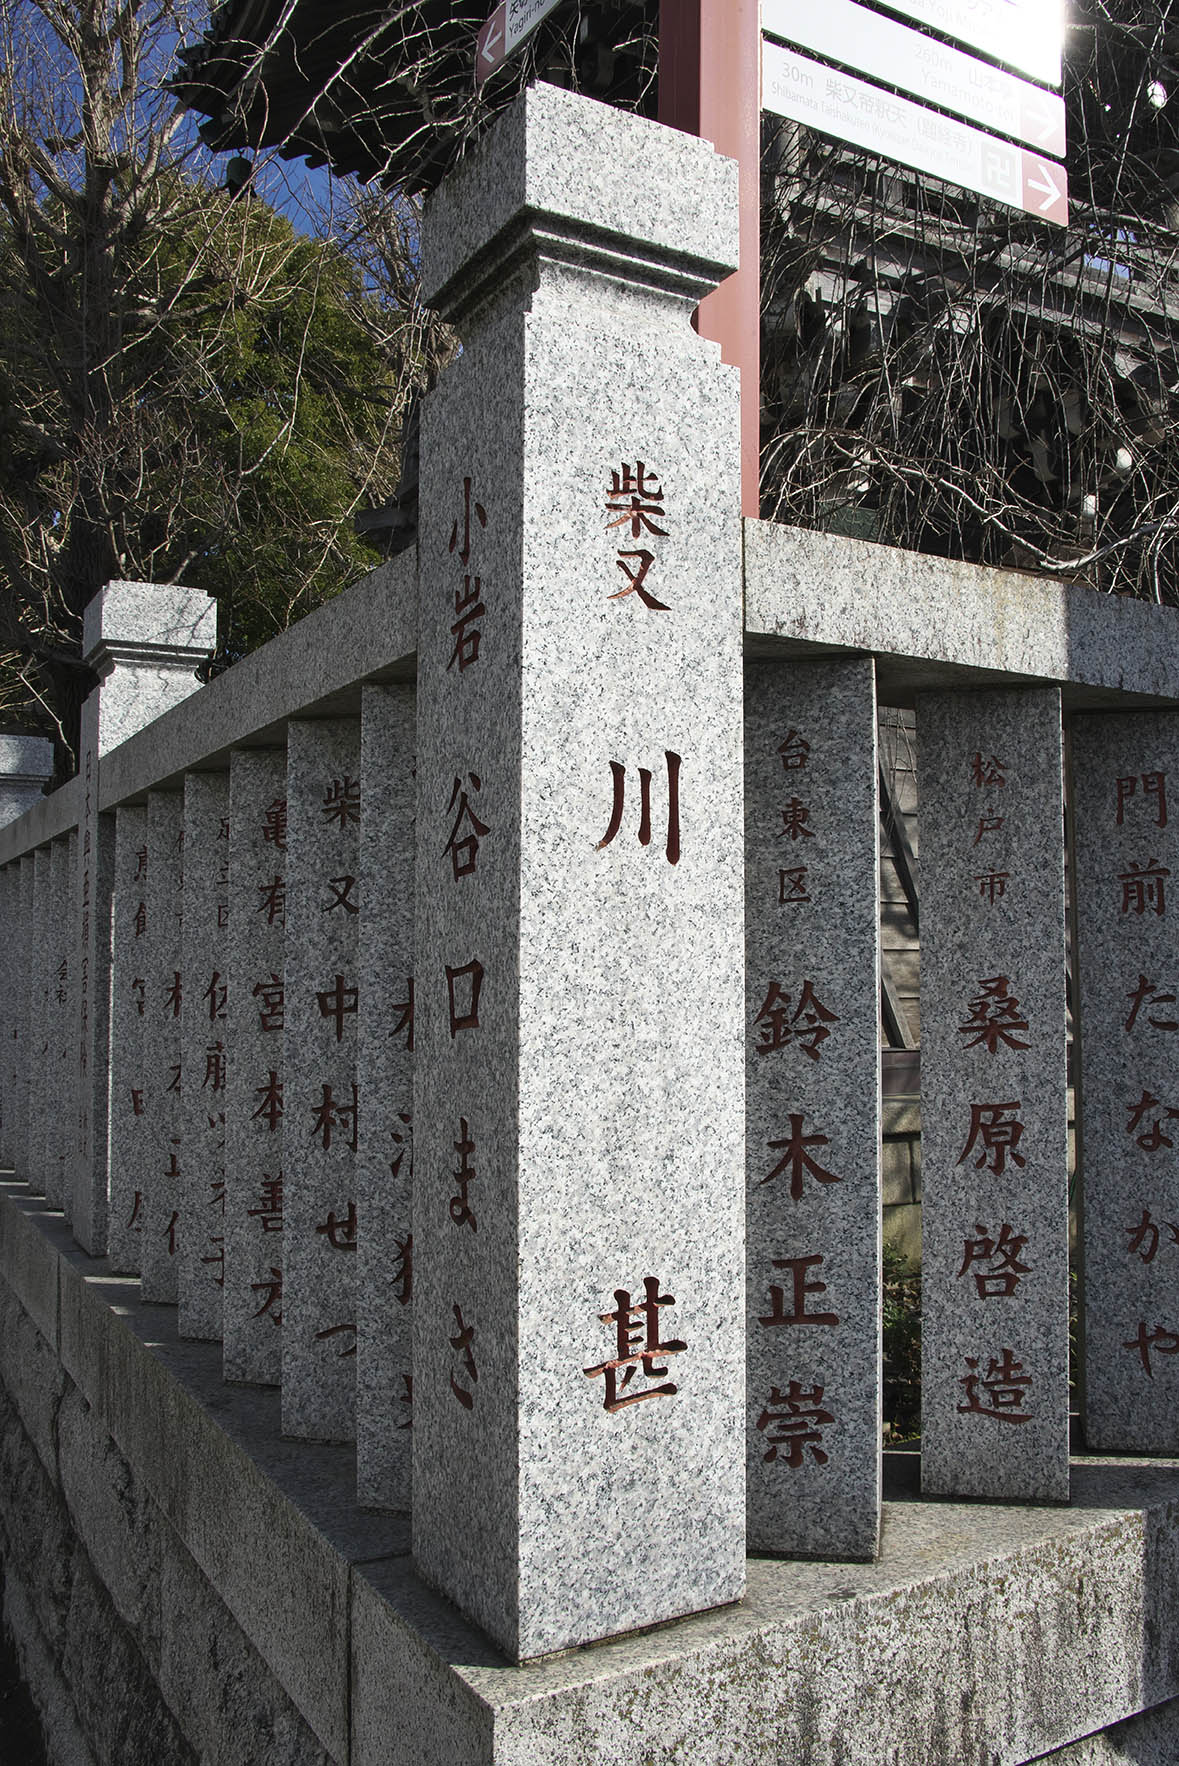 柴又帝釈天題経寺の玉垣に刻まれた「川甚」の名が。天宮さん一族は題経寺付属ルンビニー幼稚園の卒園生だ。